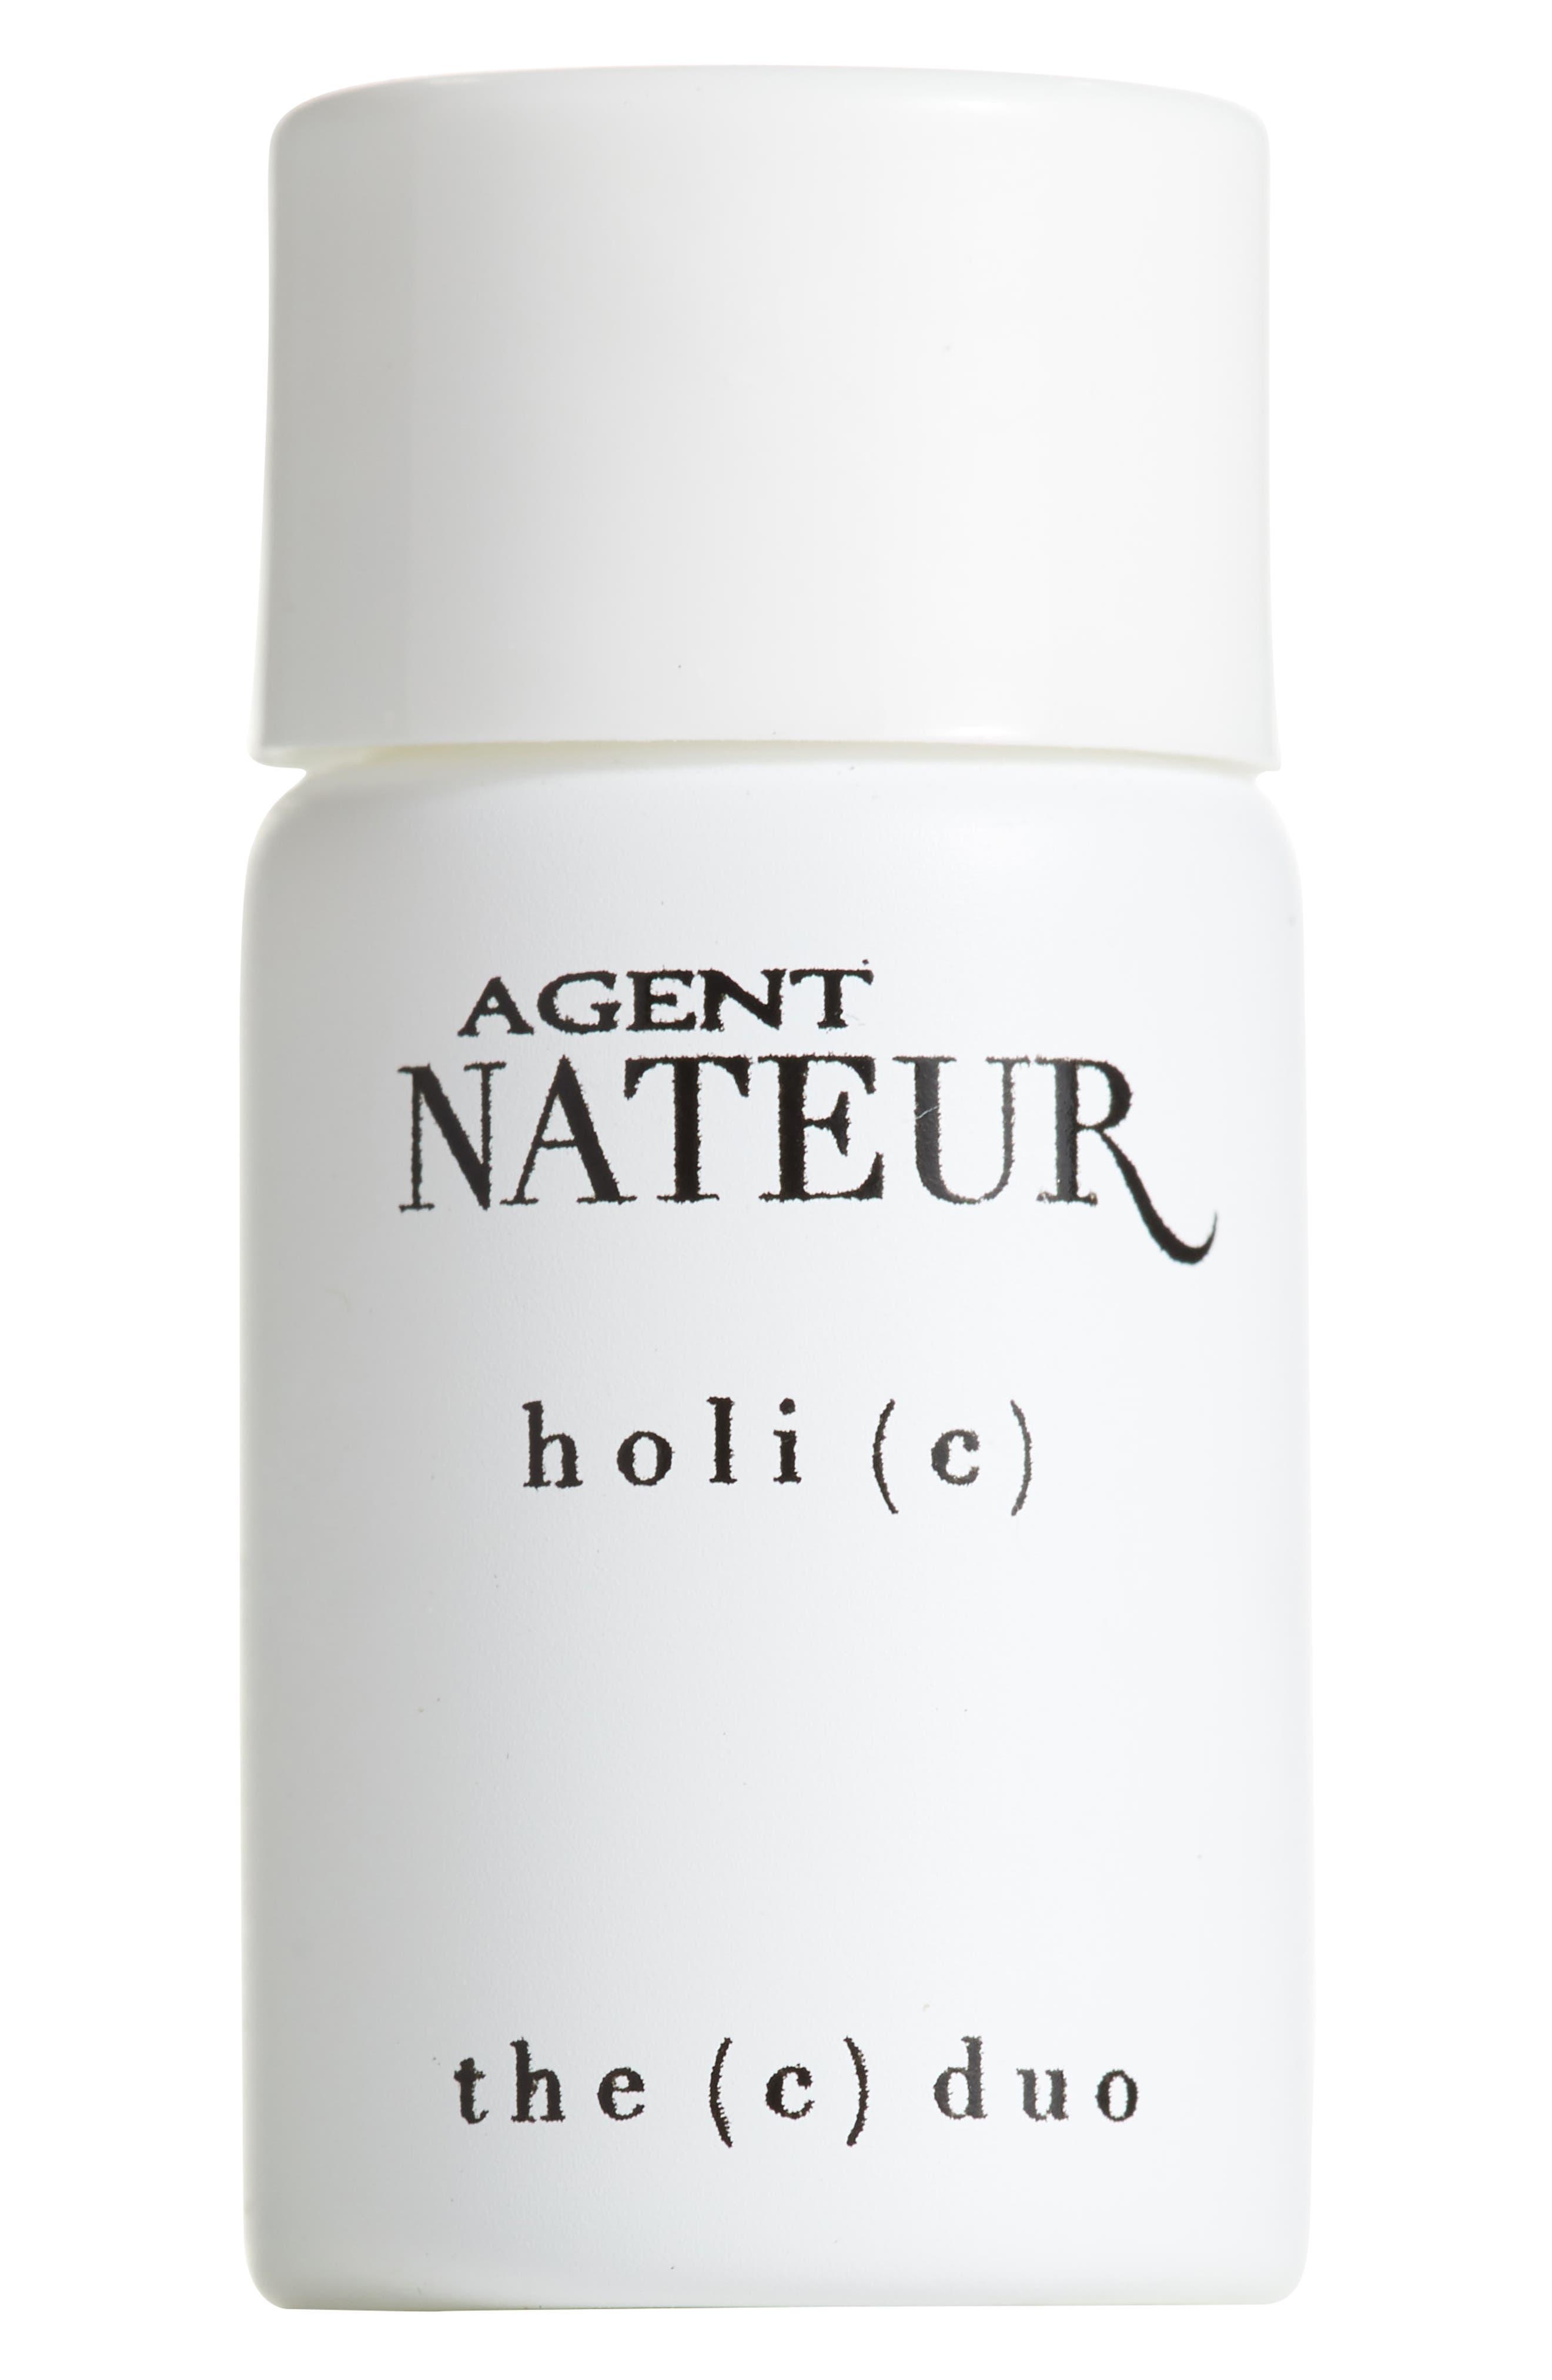 Holi(C) The C Duo Calcium & Vitamin C Powder Exfoliator